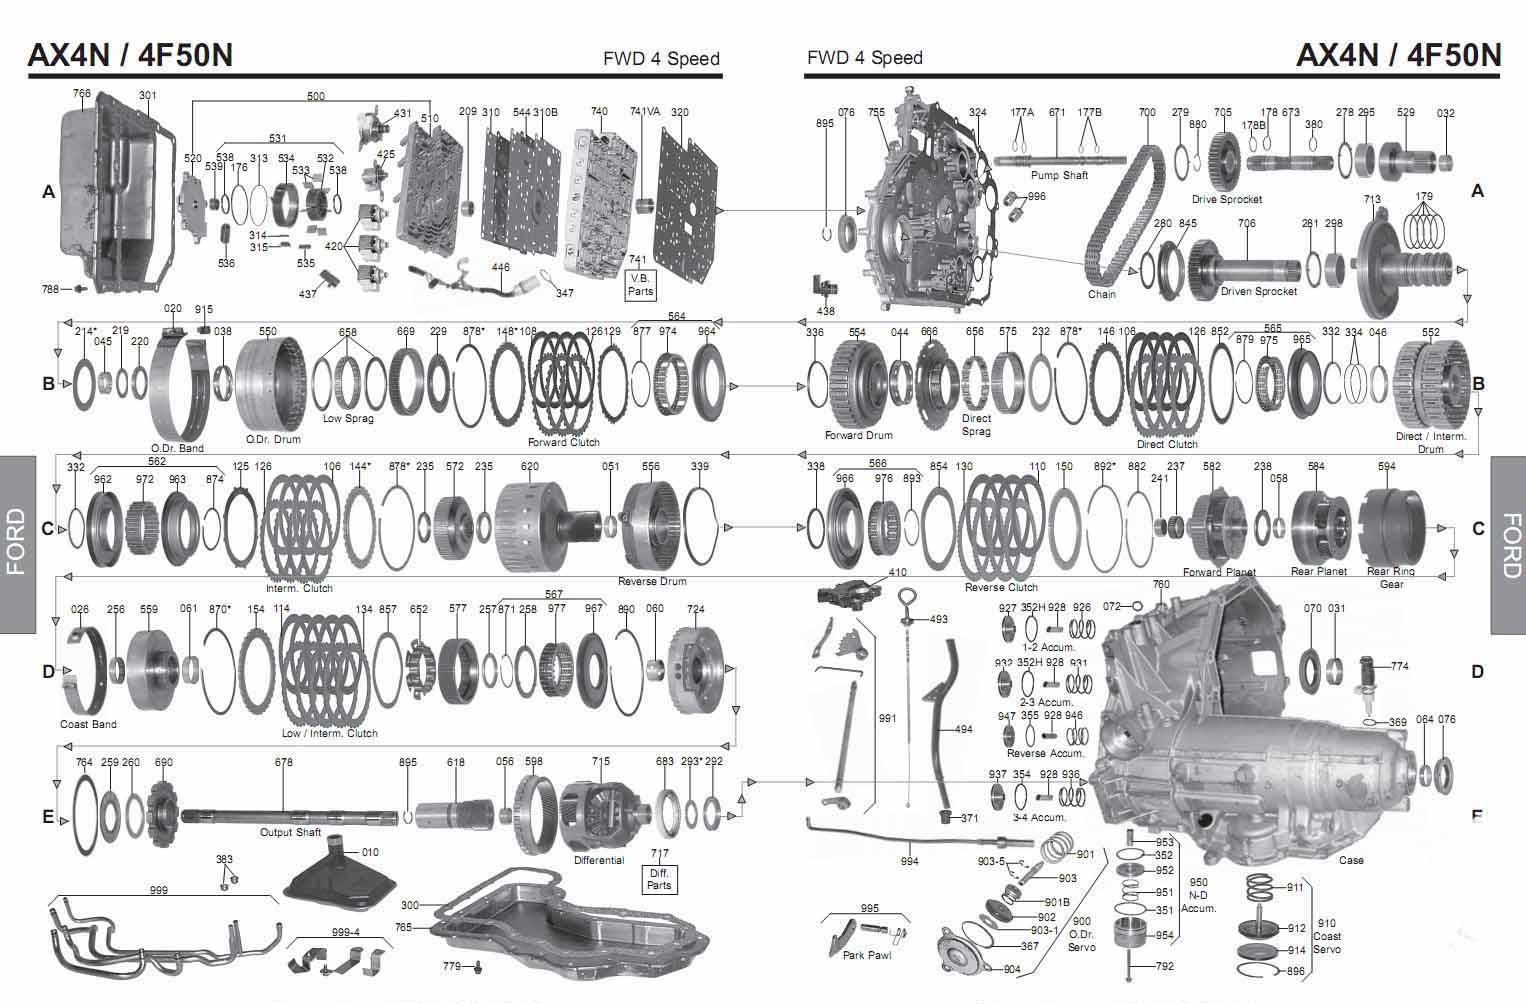 Transmission Repair Manuals Ax4n 4f50n